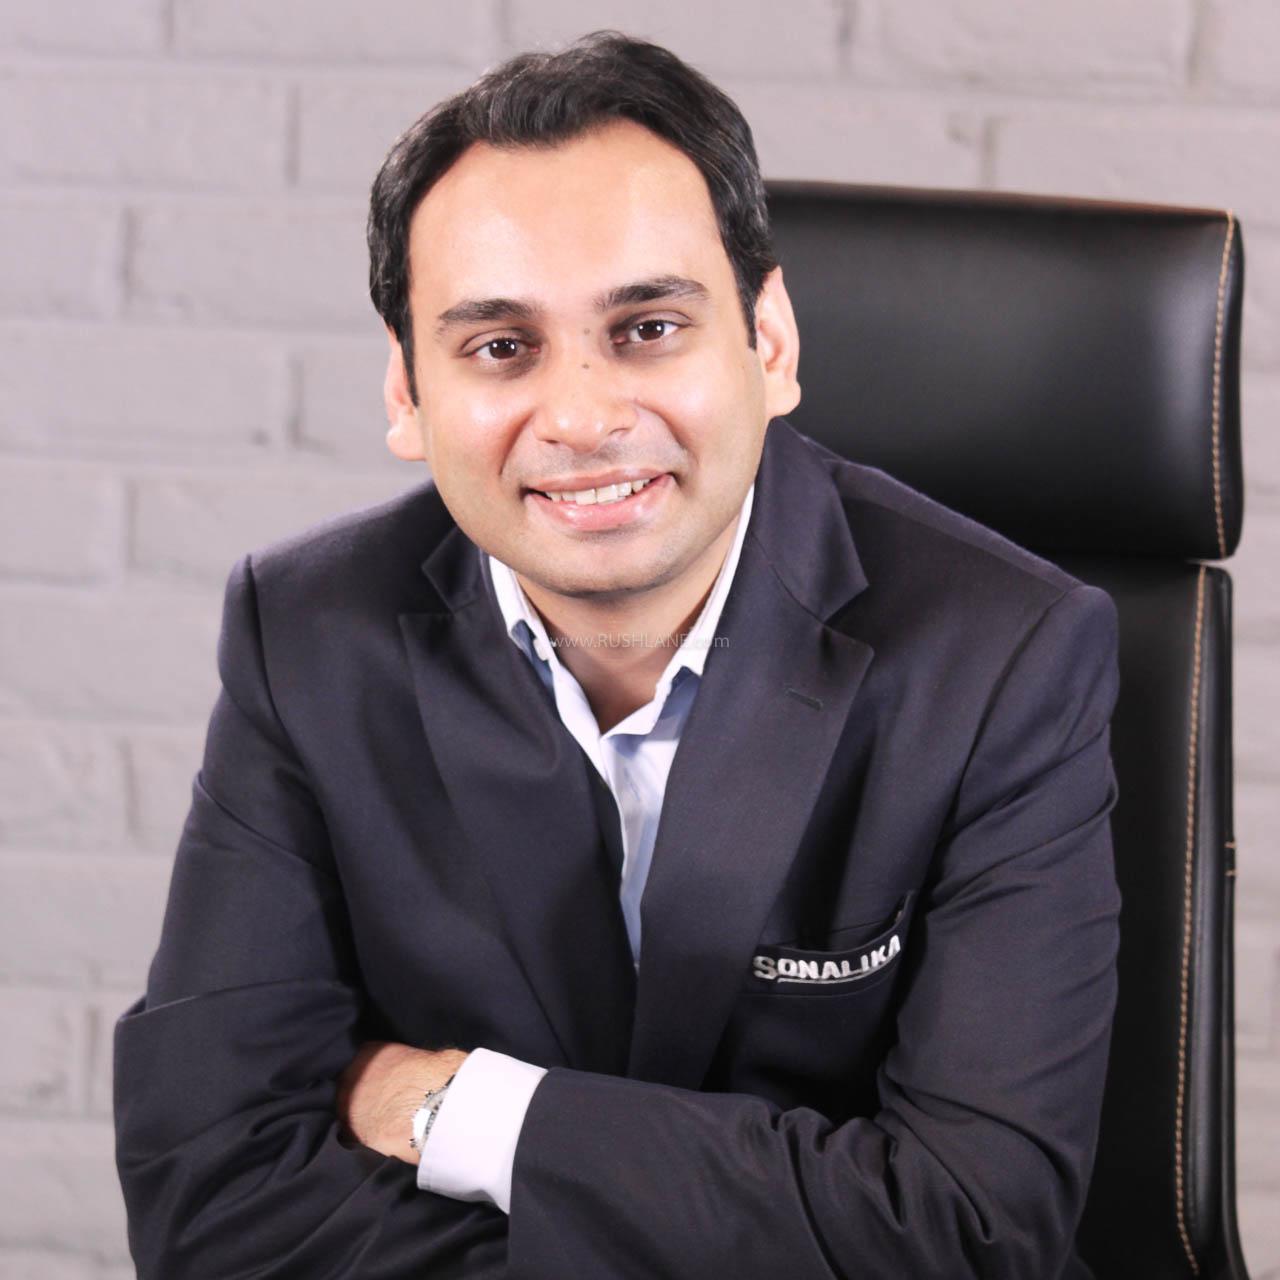 Mr. Raman Mittal, Executive Director, Sonalika Group,